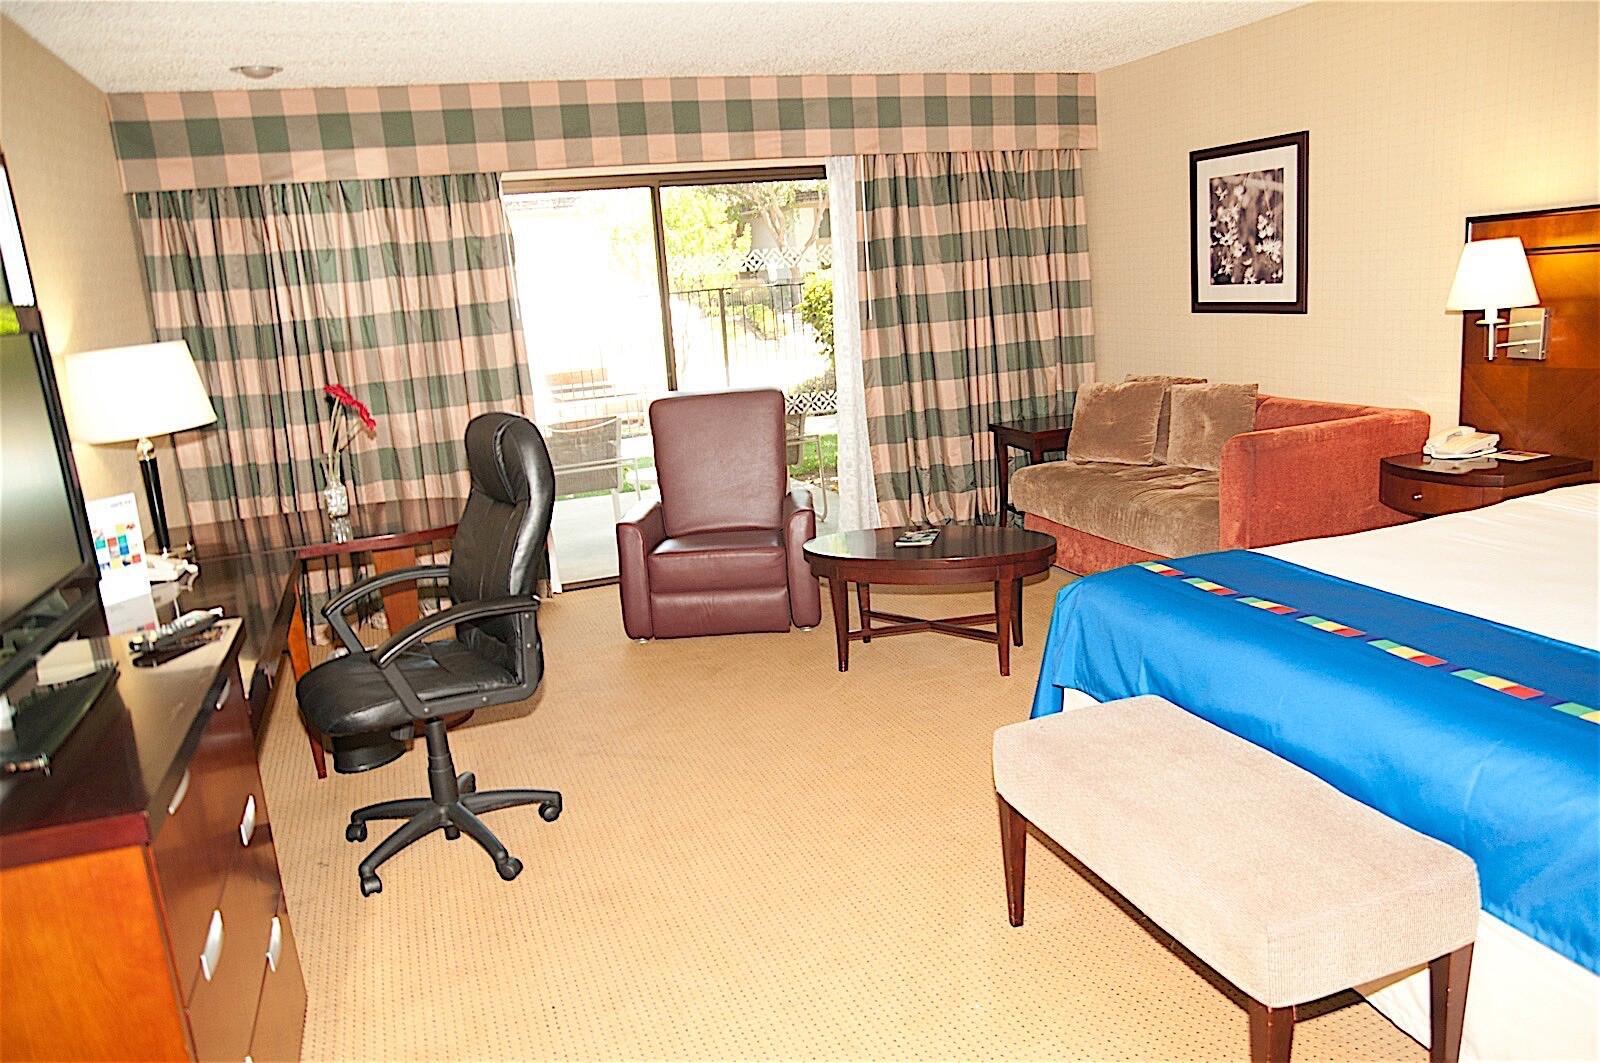 Standard King Room Interior